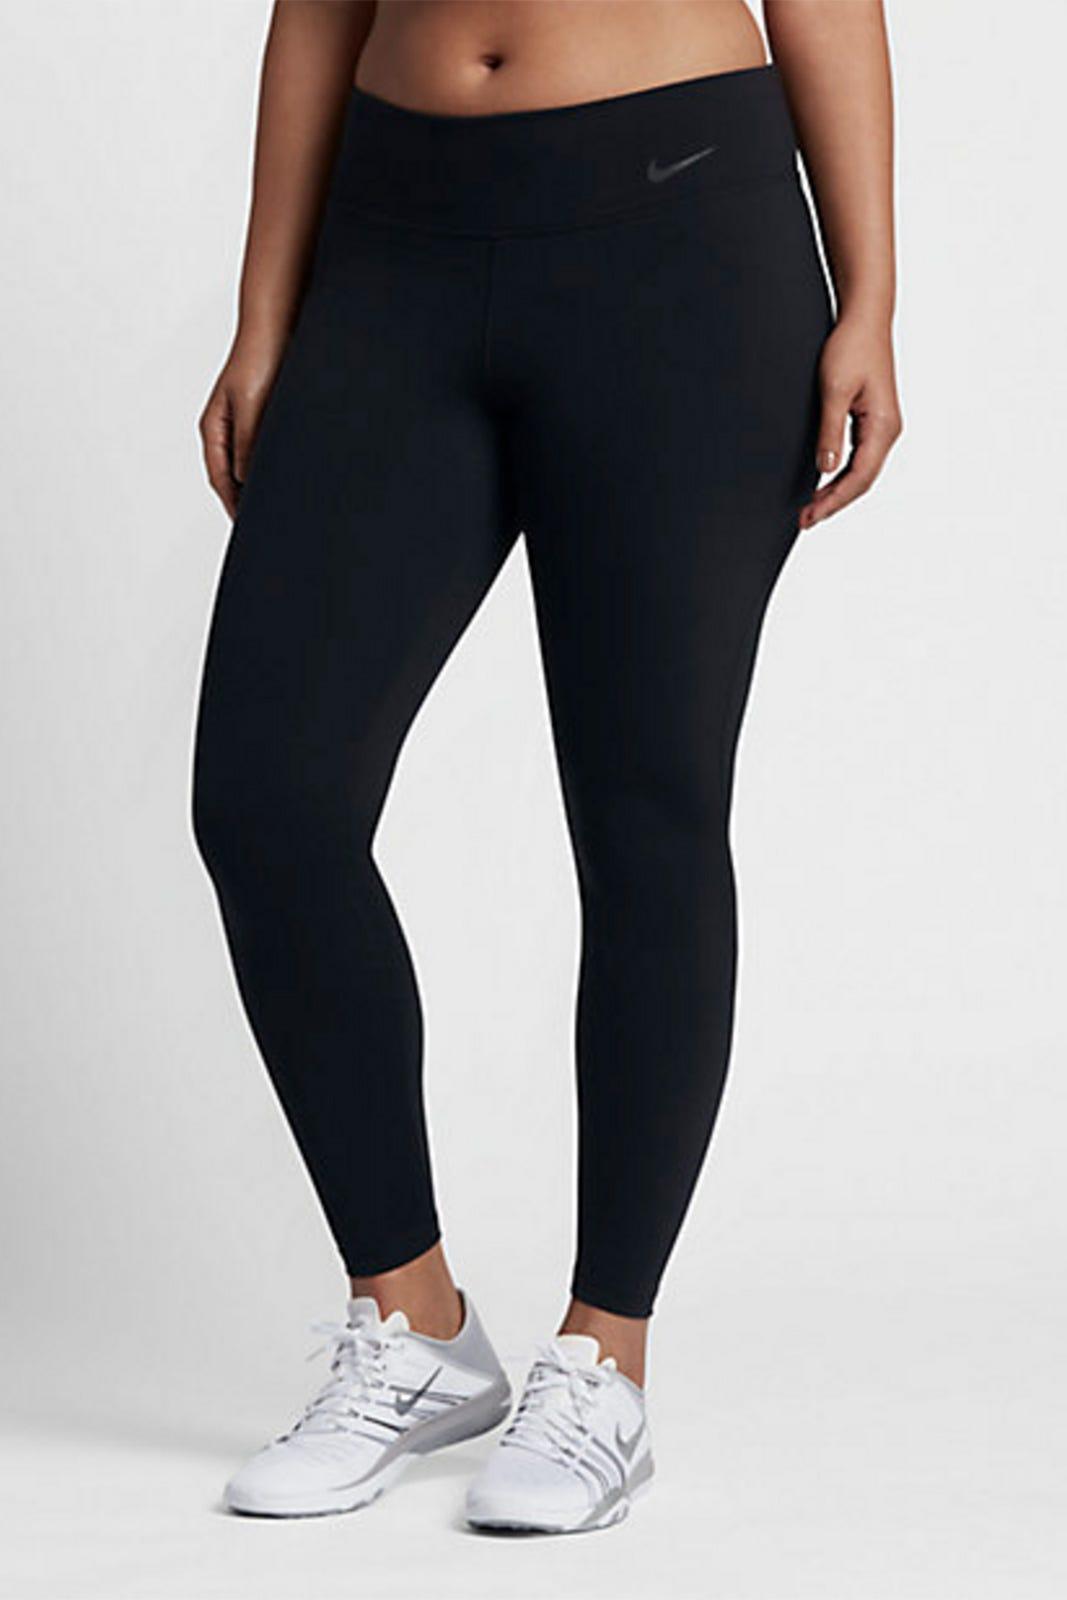 78d881f7e Best Yoga Pants